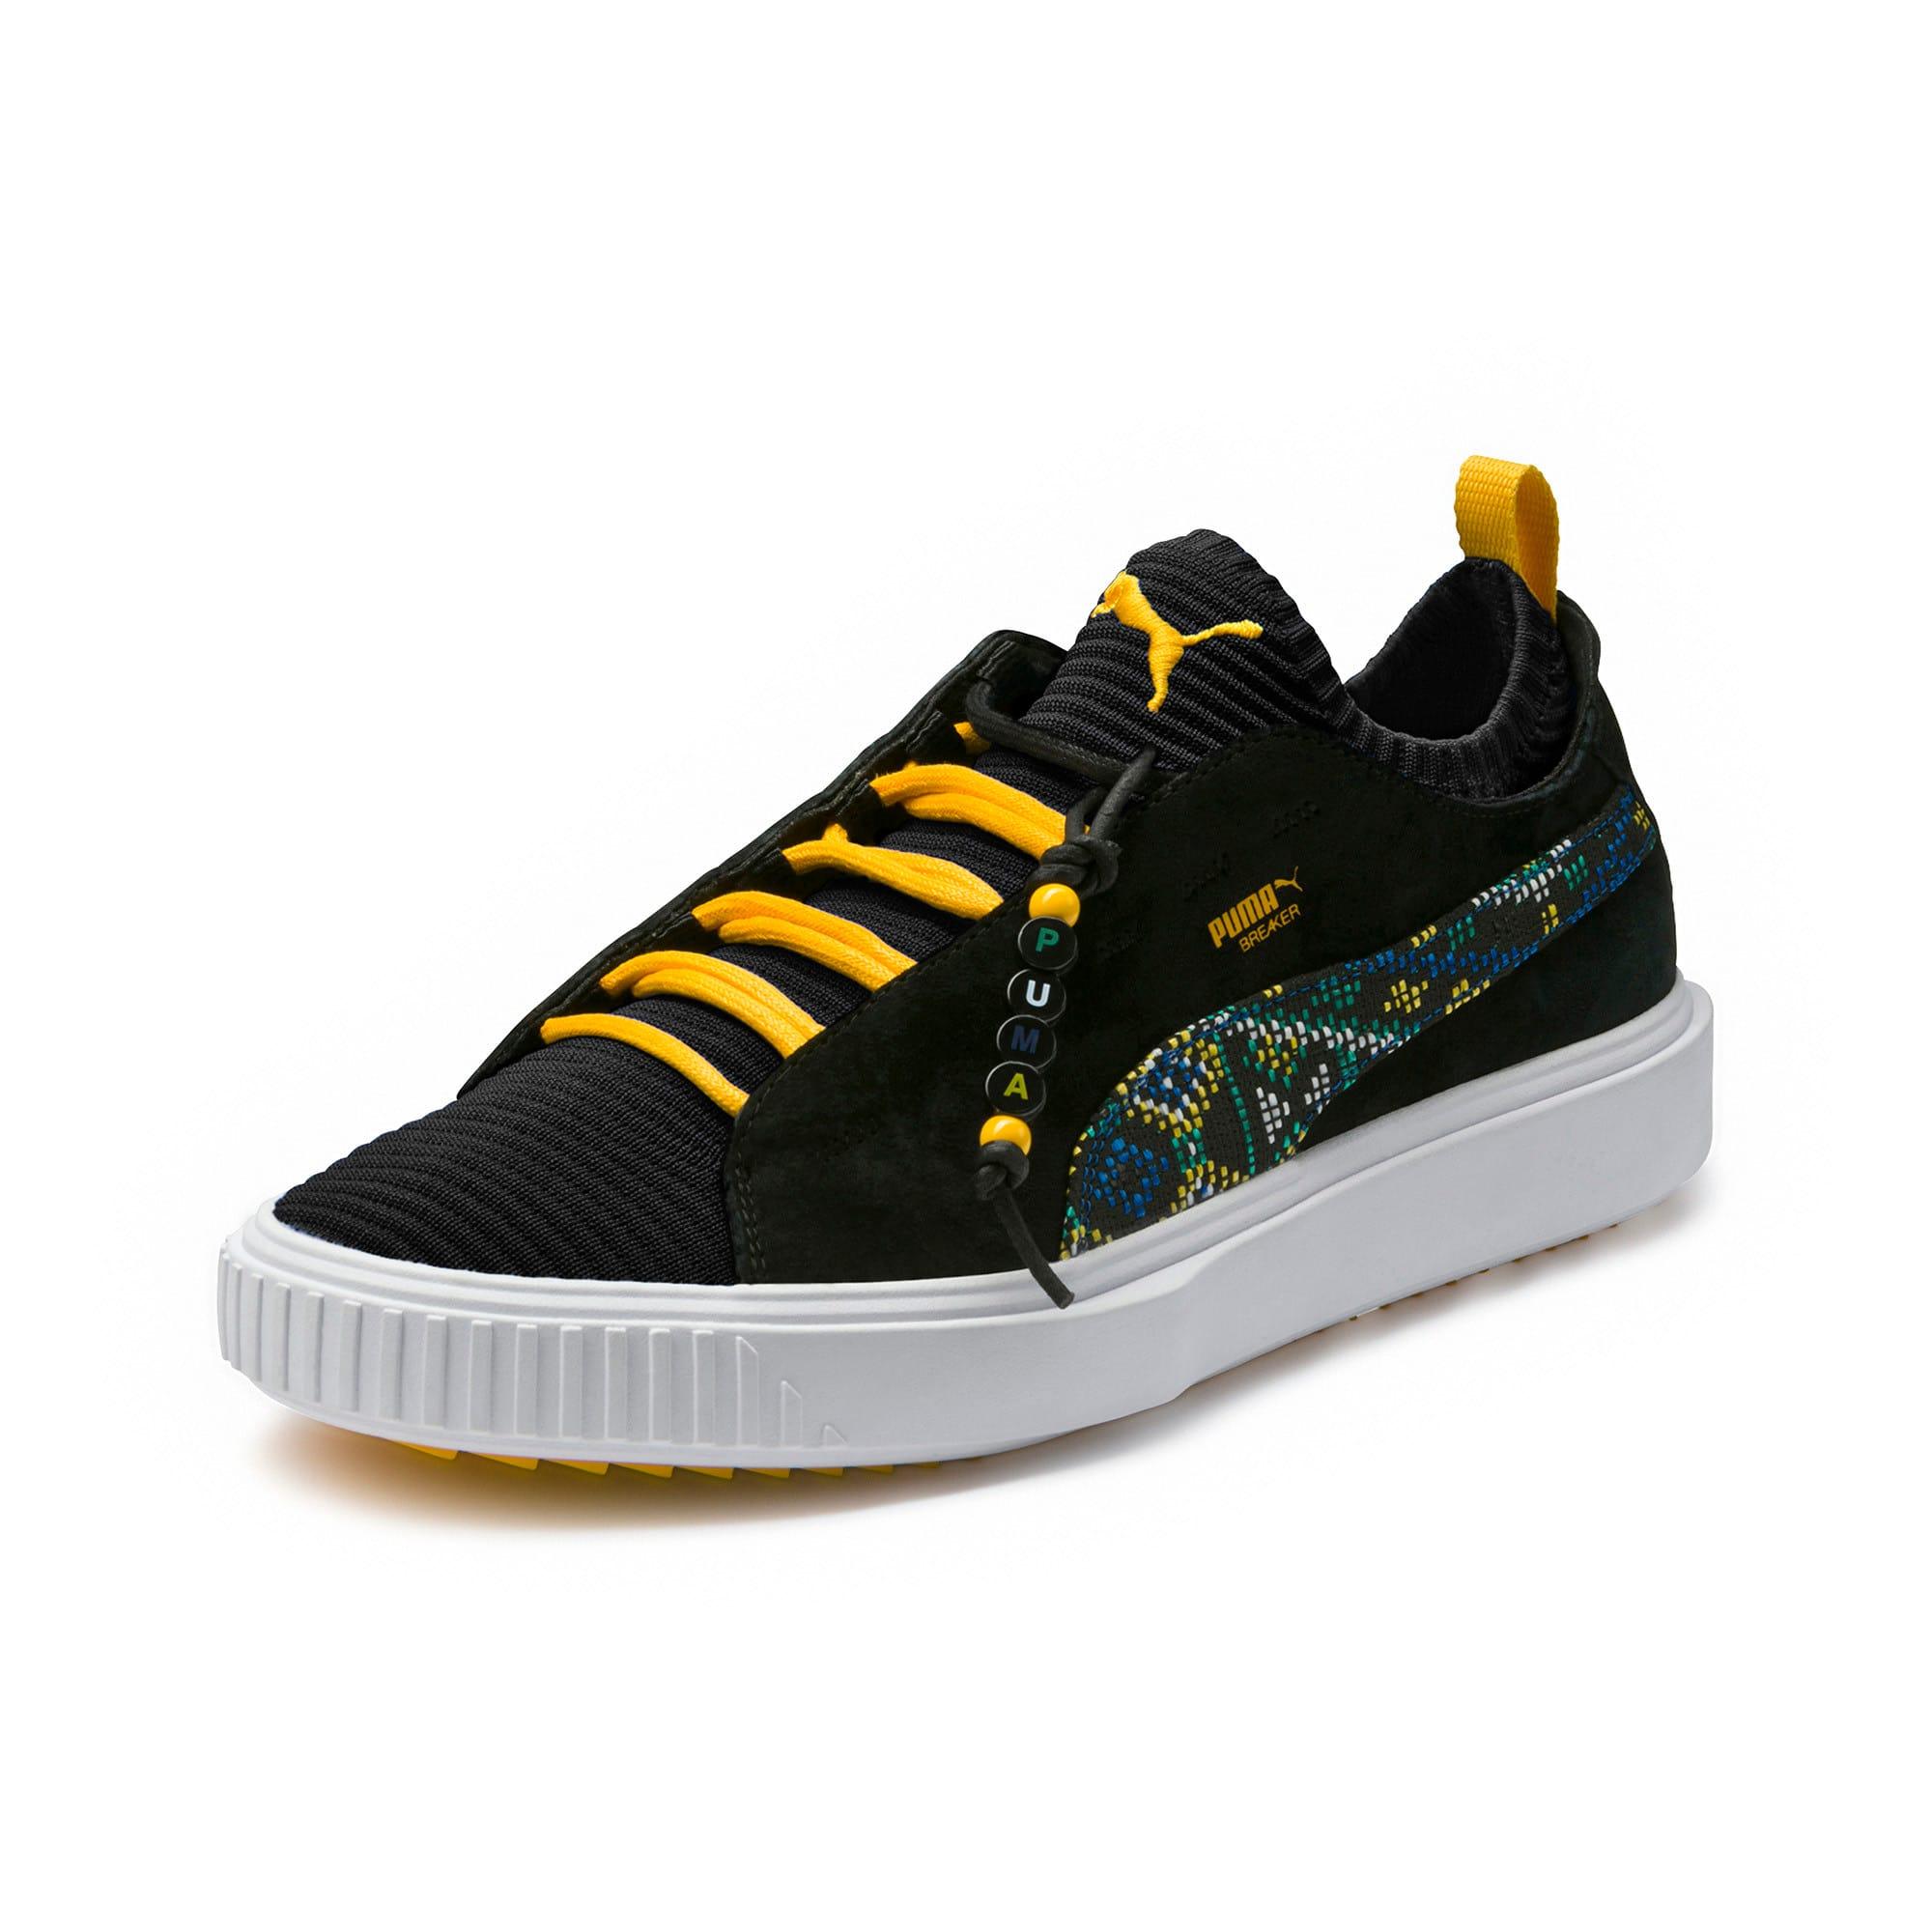 Thumbnail 1 of Breaker Knit Carnival Sneakers, Puma Black, medium